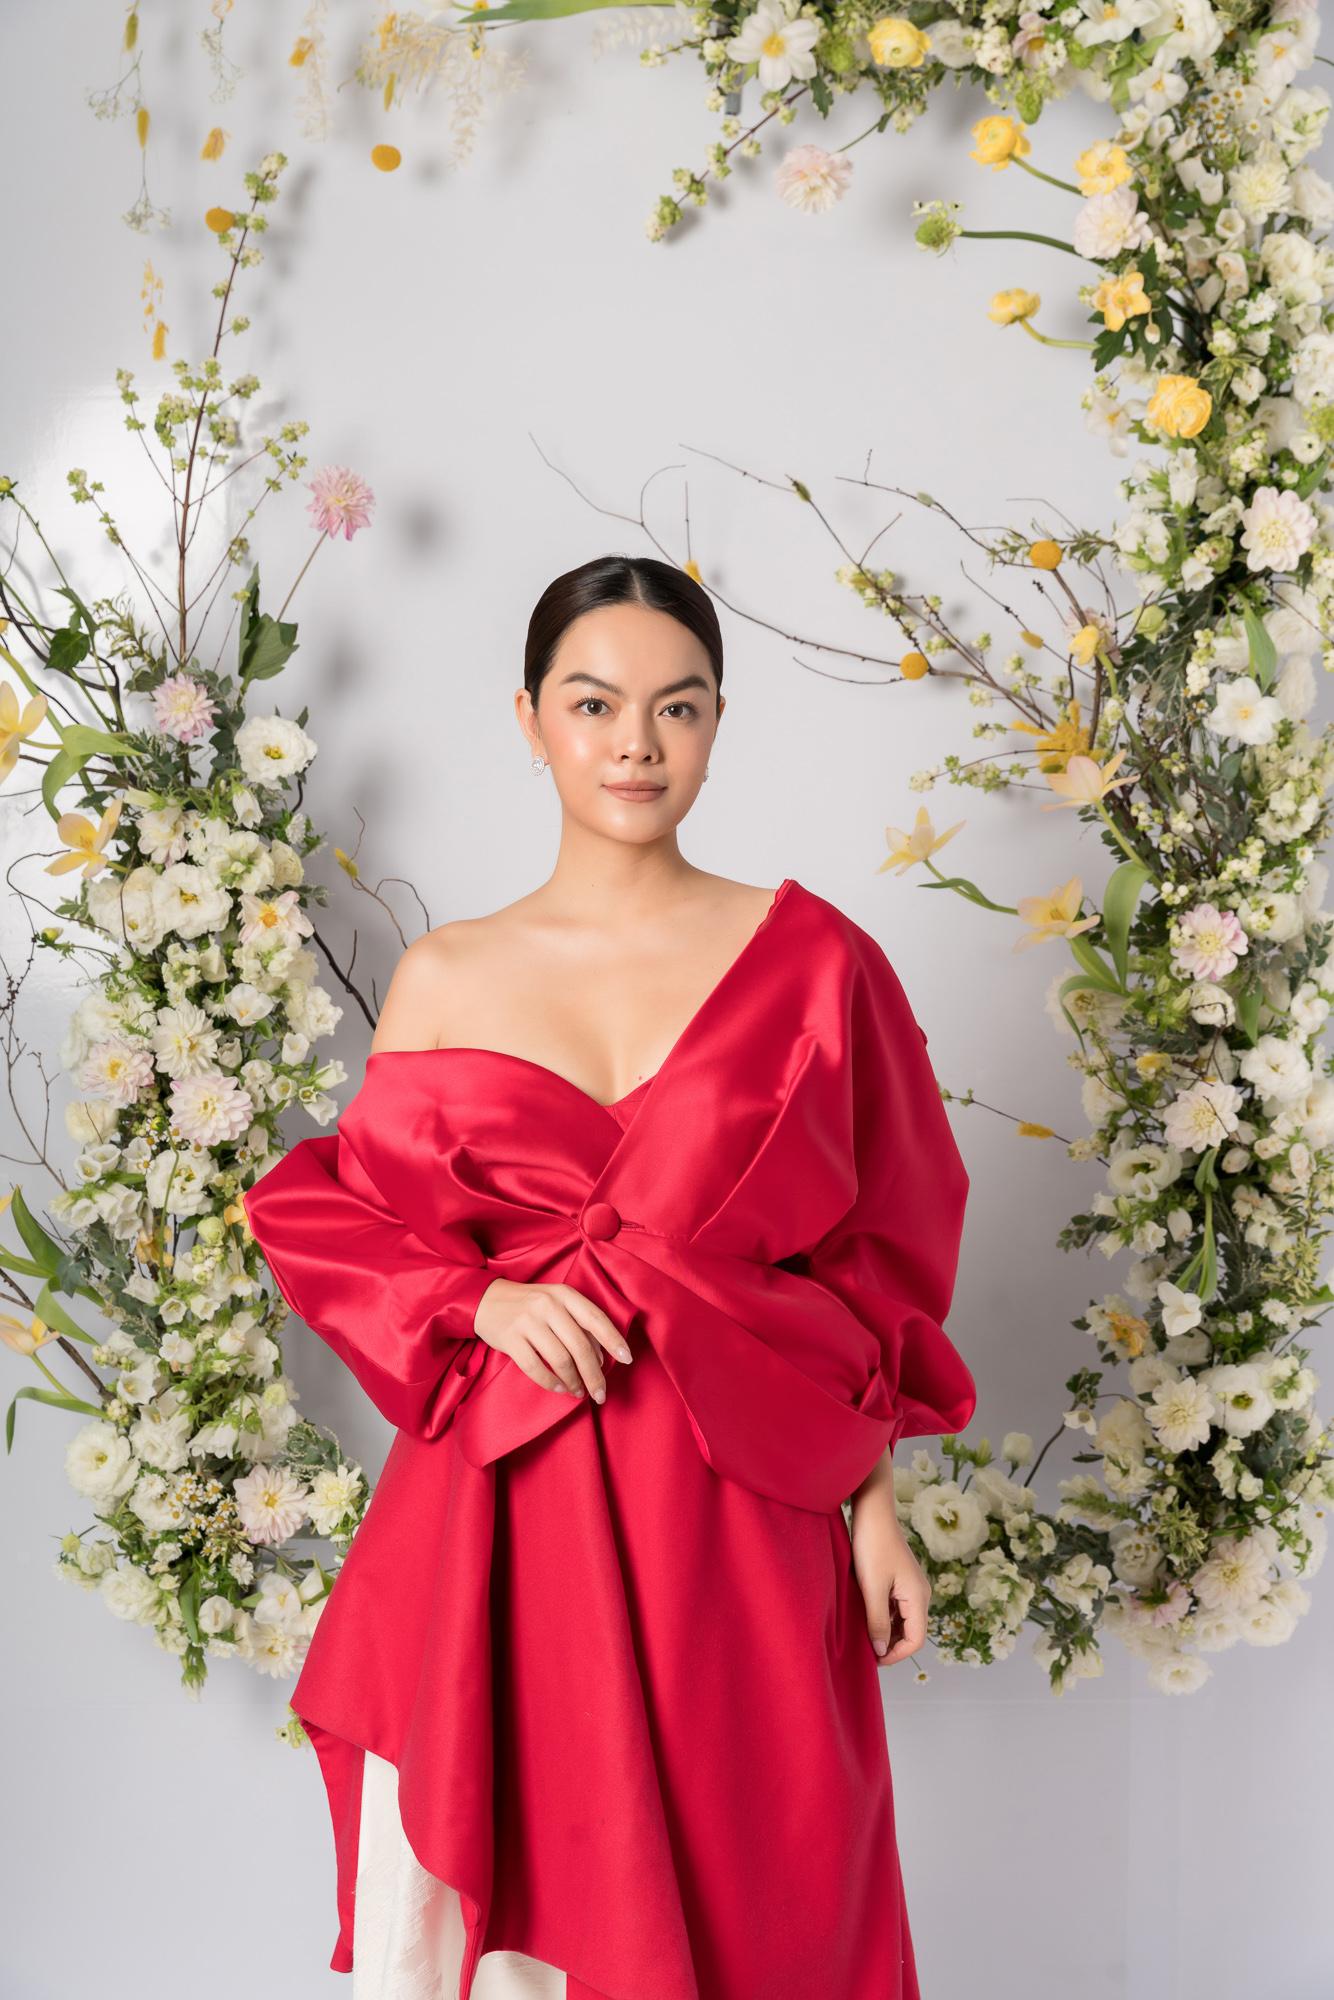 Nhã Phương, H'Hen Niê, Đỗ Mỹ Linh cùng khoe dáng với váy cưới - Ảnh 12